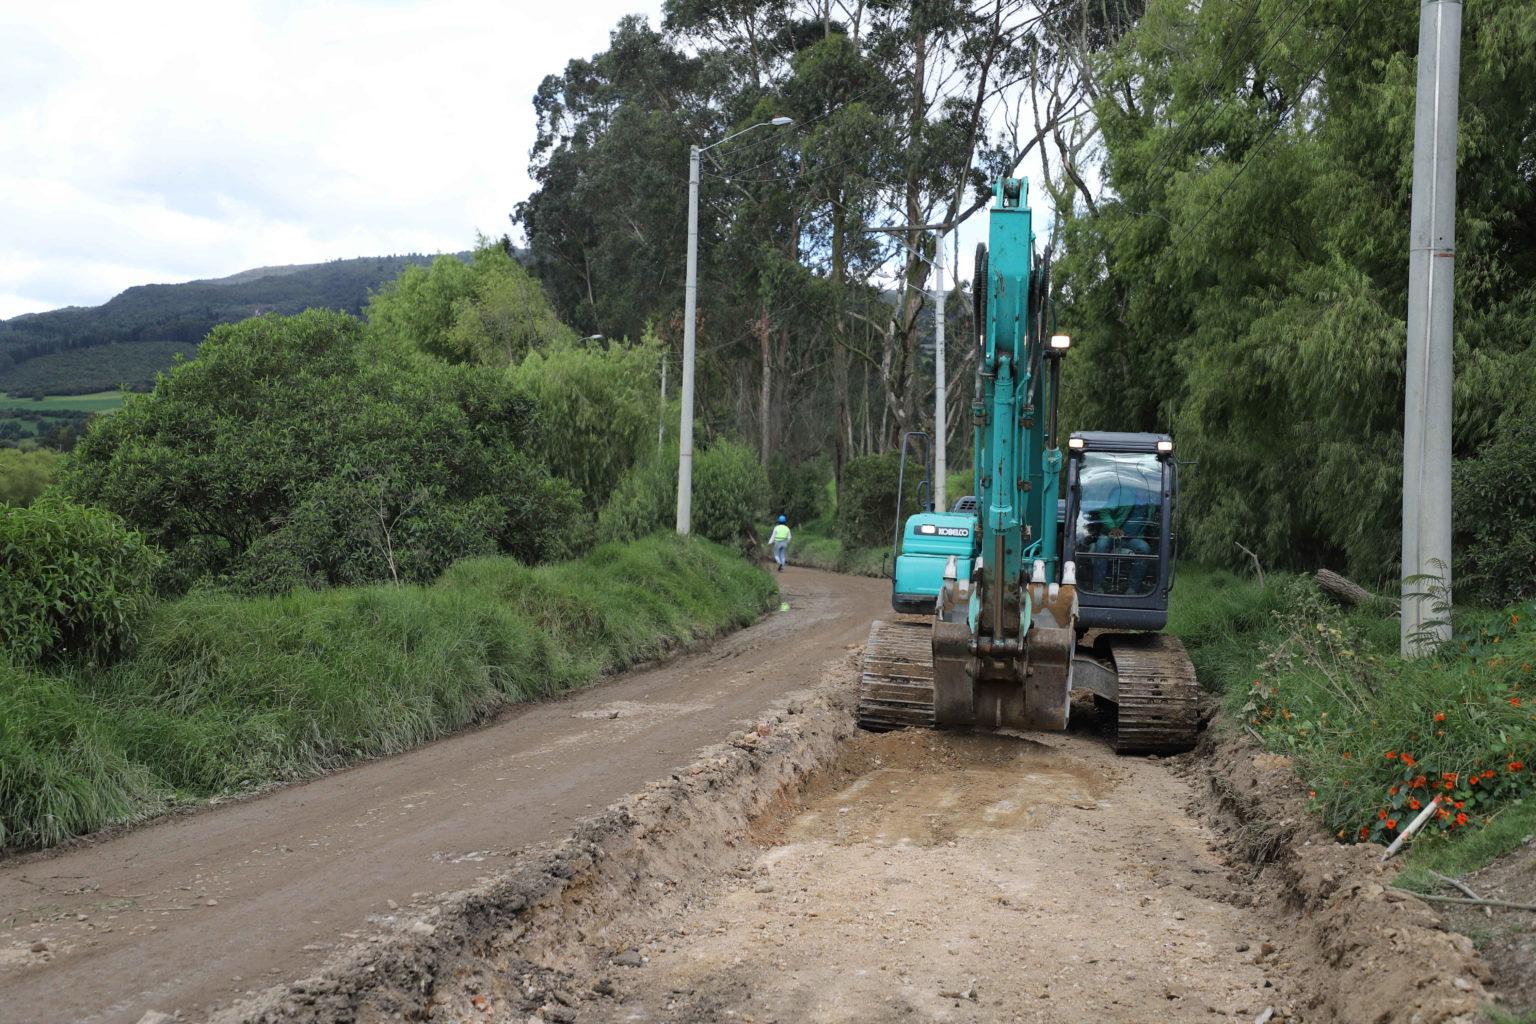 Inicia pavimentación del corredor vial entre Zipaquirá, La Fuente y Tocancipá - Noticias de Colombia